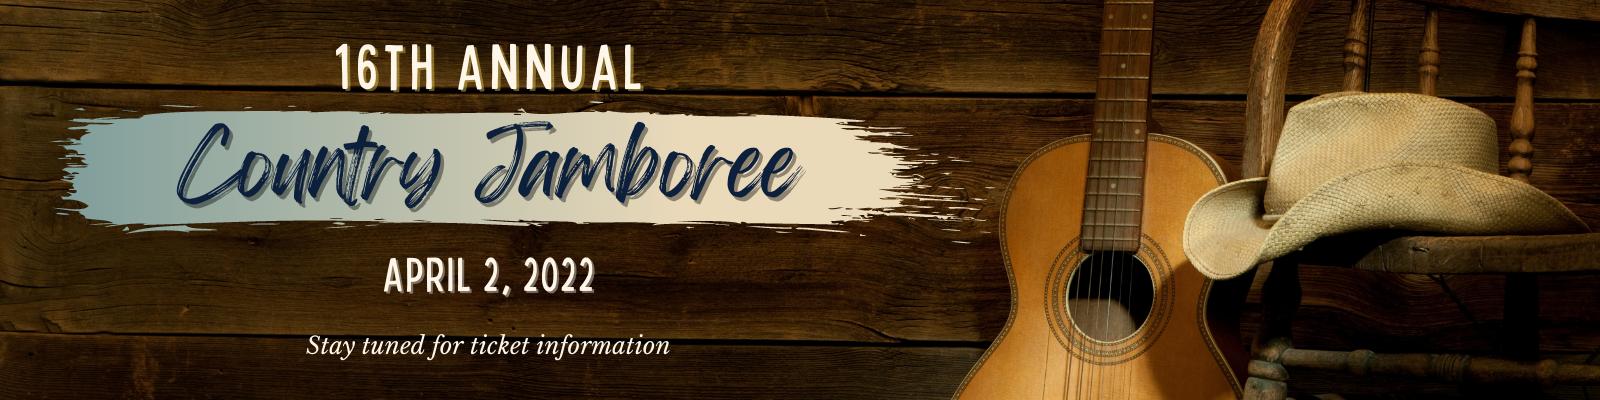 Jamboree 2021 website header.png